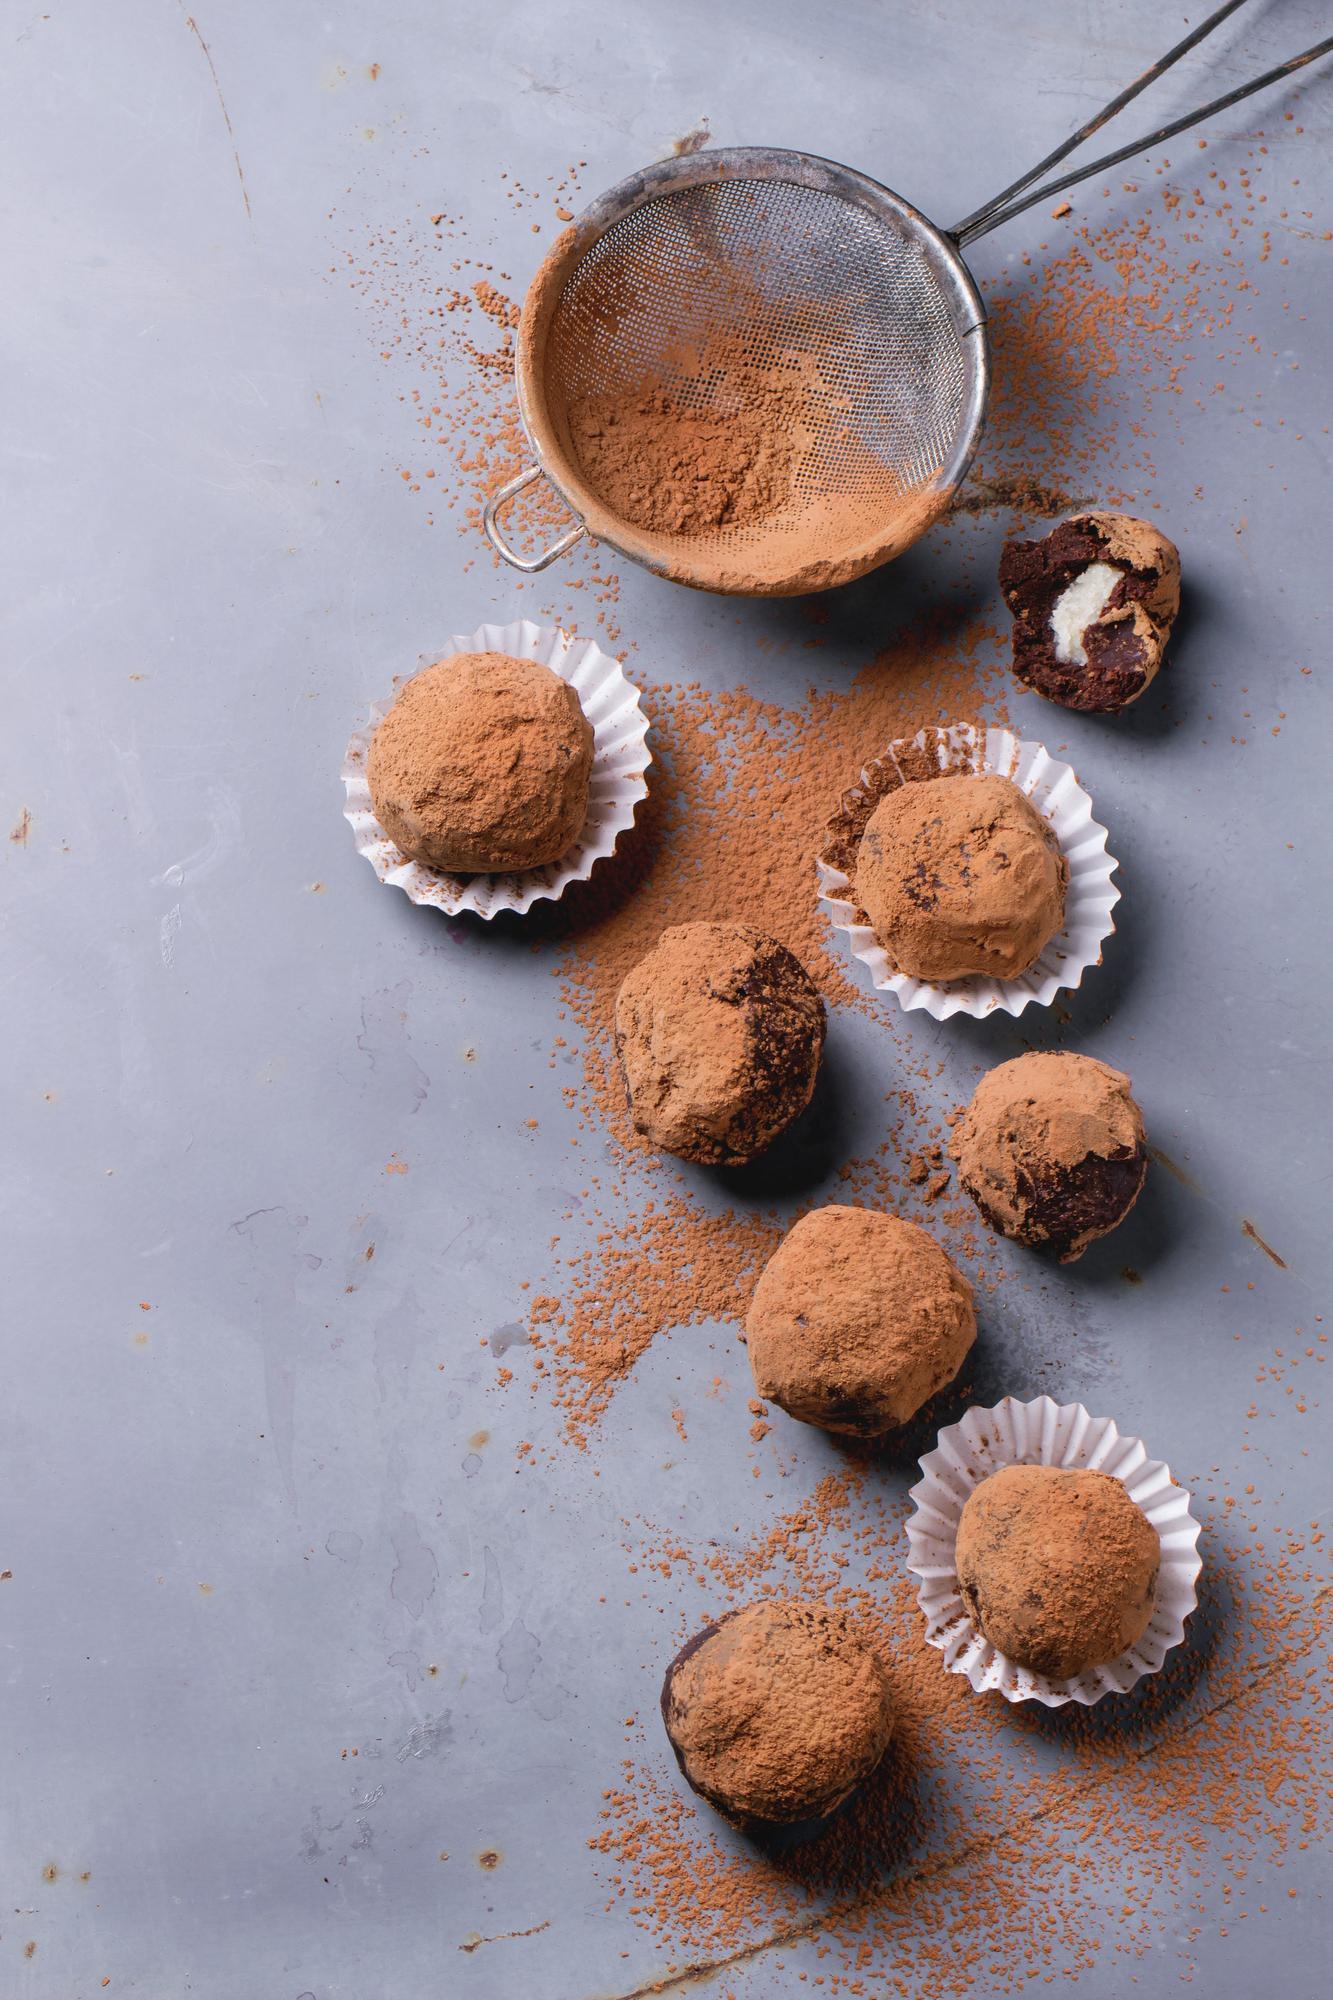 Быстро, просто и лучше, чем в магазине: как приготовить шоколадные трюфели